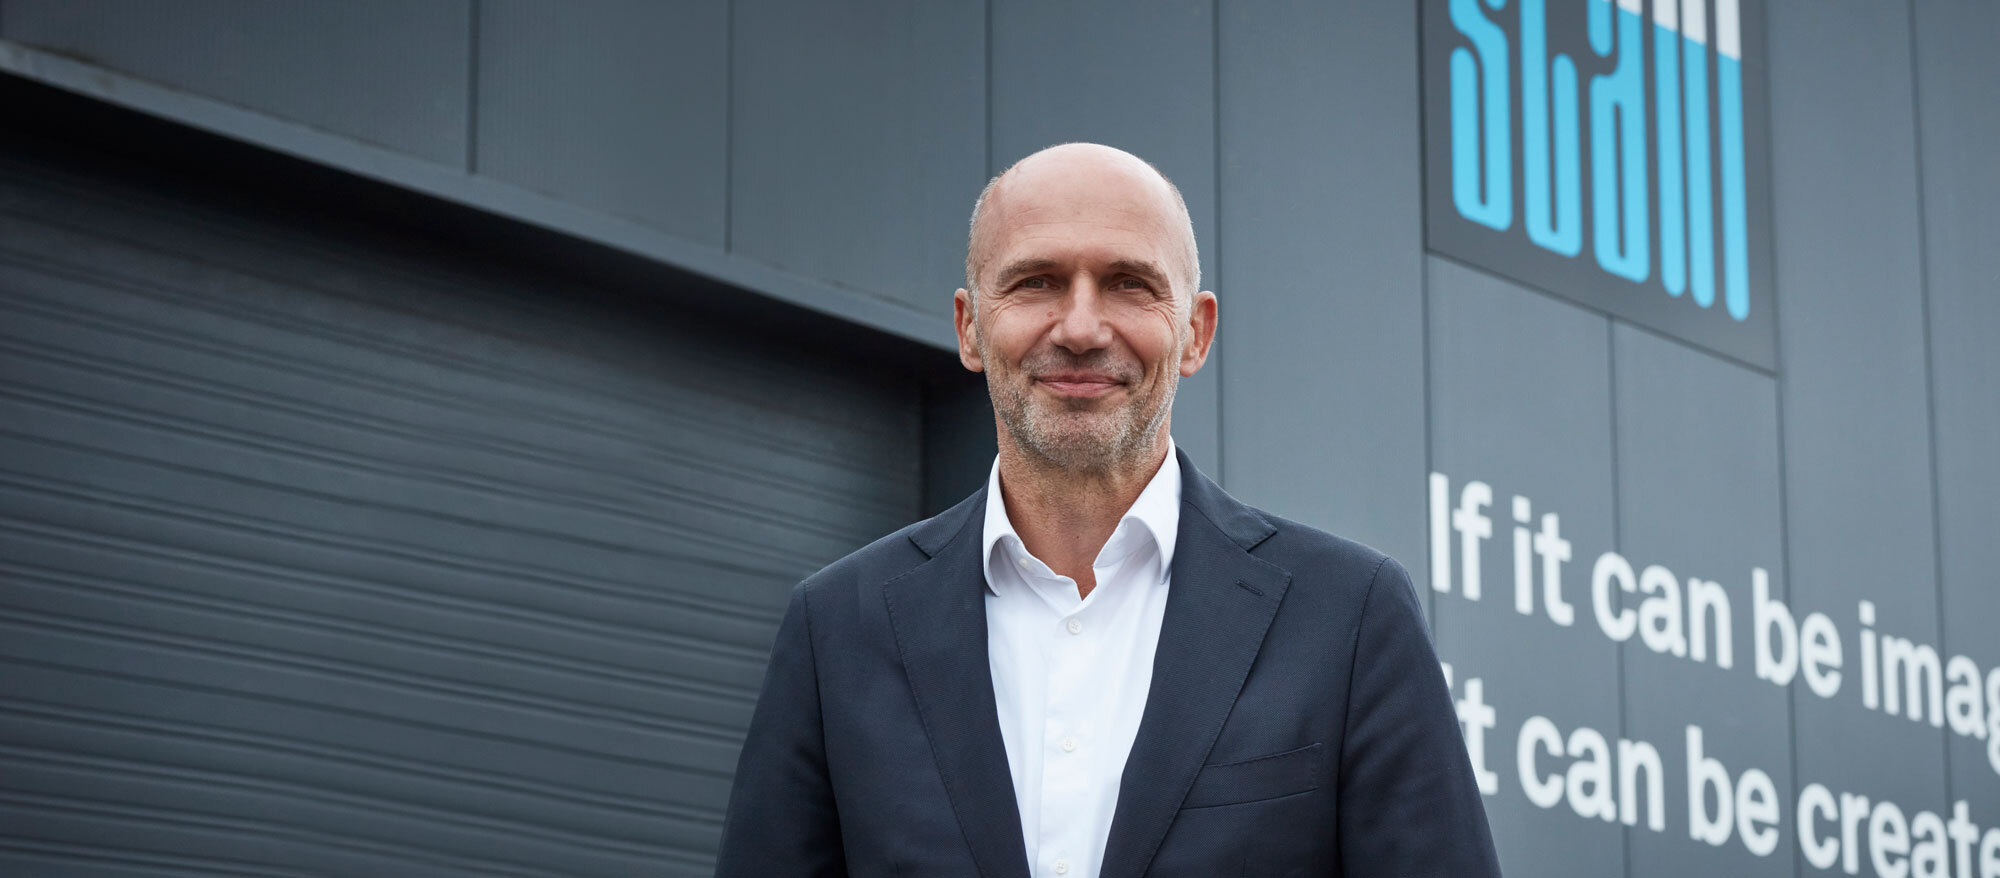 Introducing Stahl's new CEO, Maarten Heijbroek